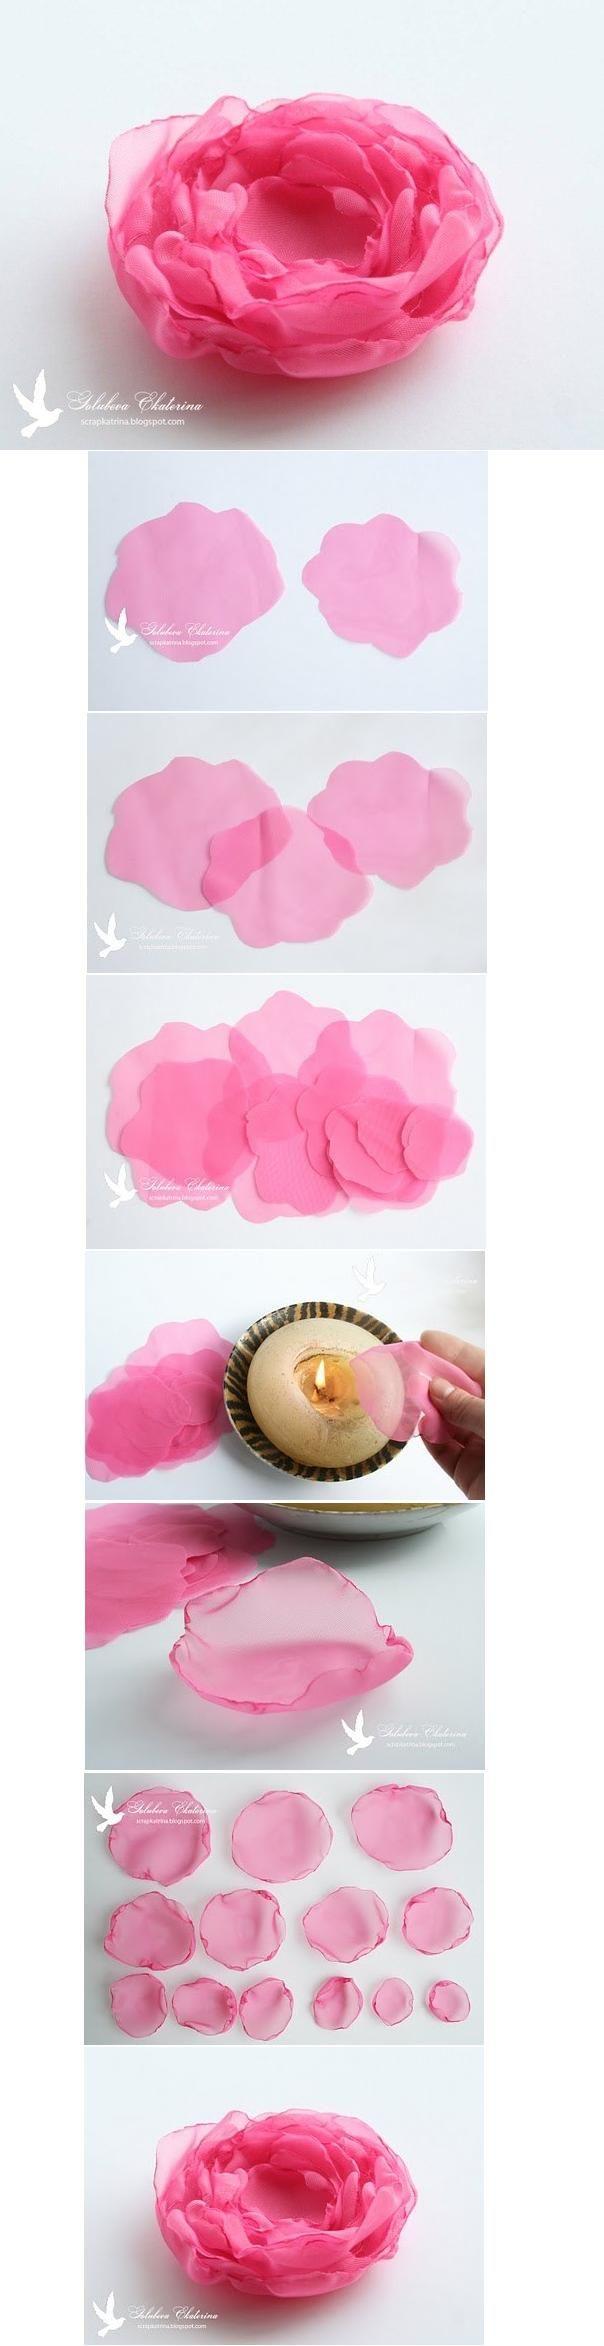 DIY Peonies Flowers DIY Projects   UsefulDIY.com Follow us on Facebook ==> https://www.facebook.com/UsefulDiy